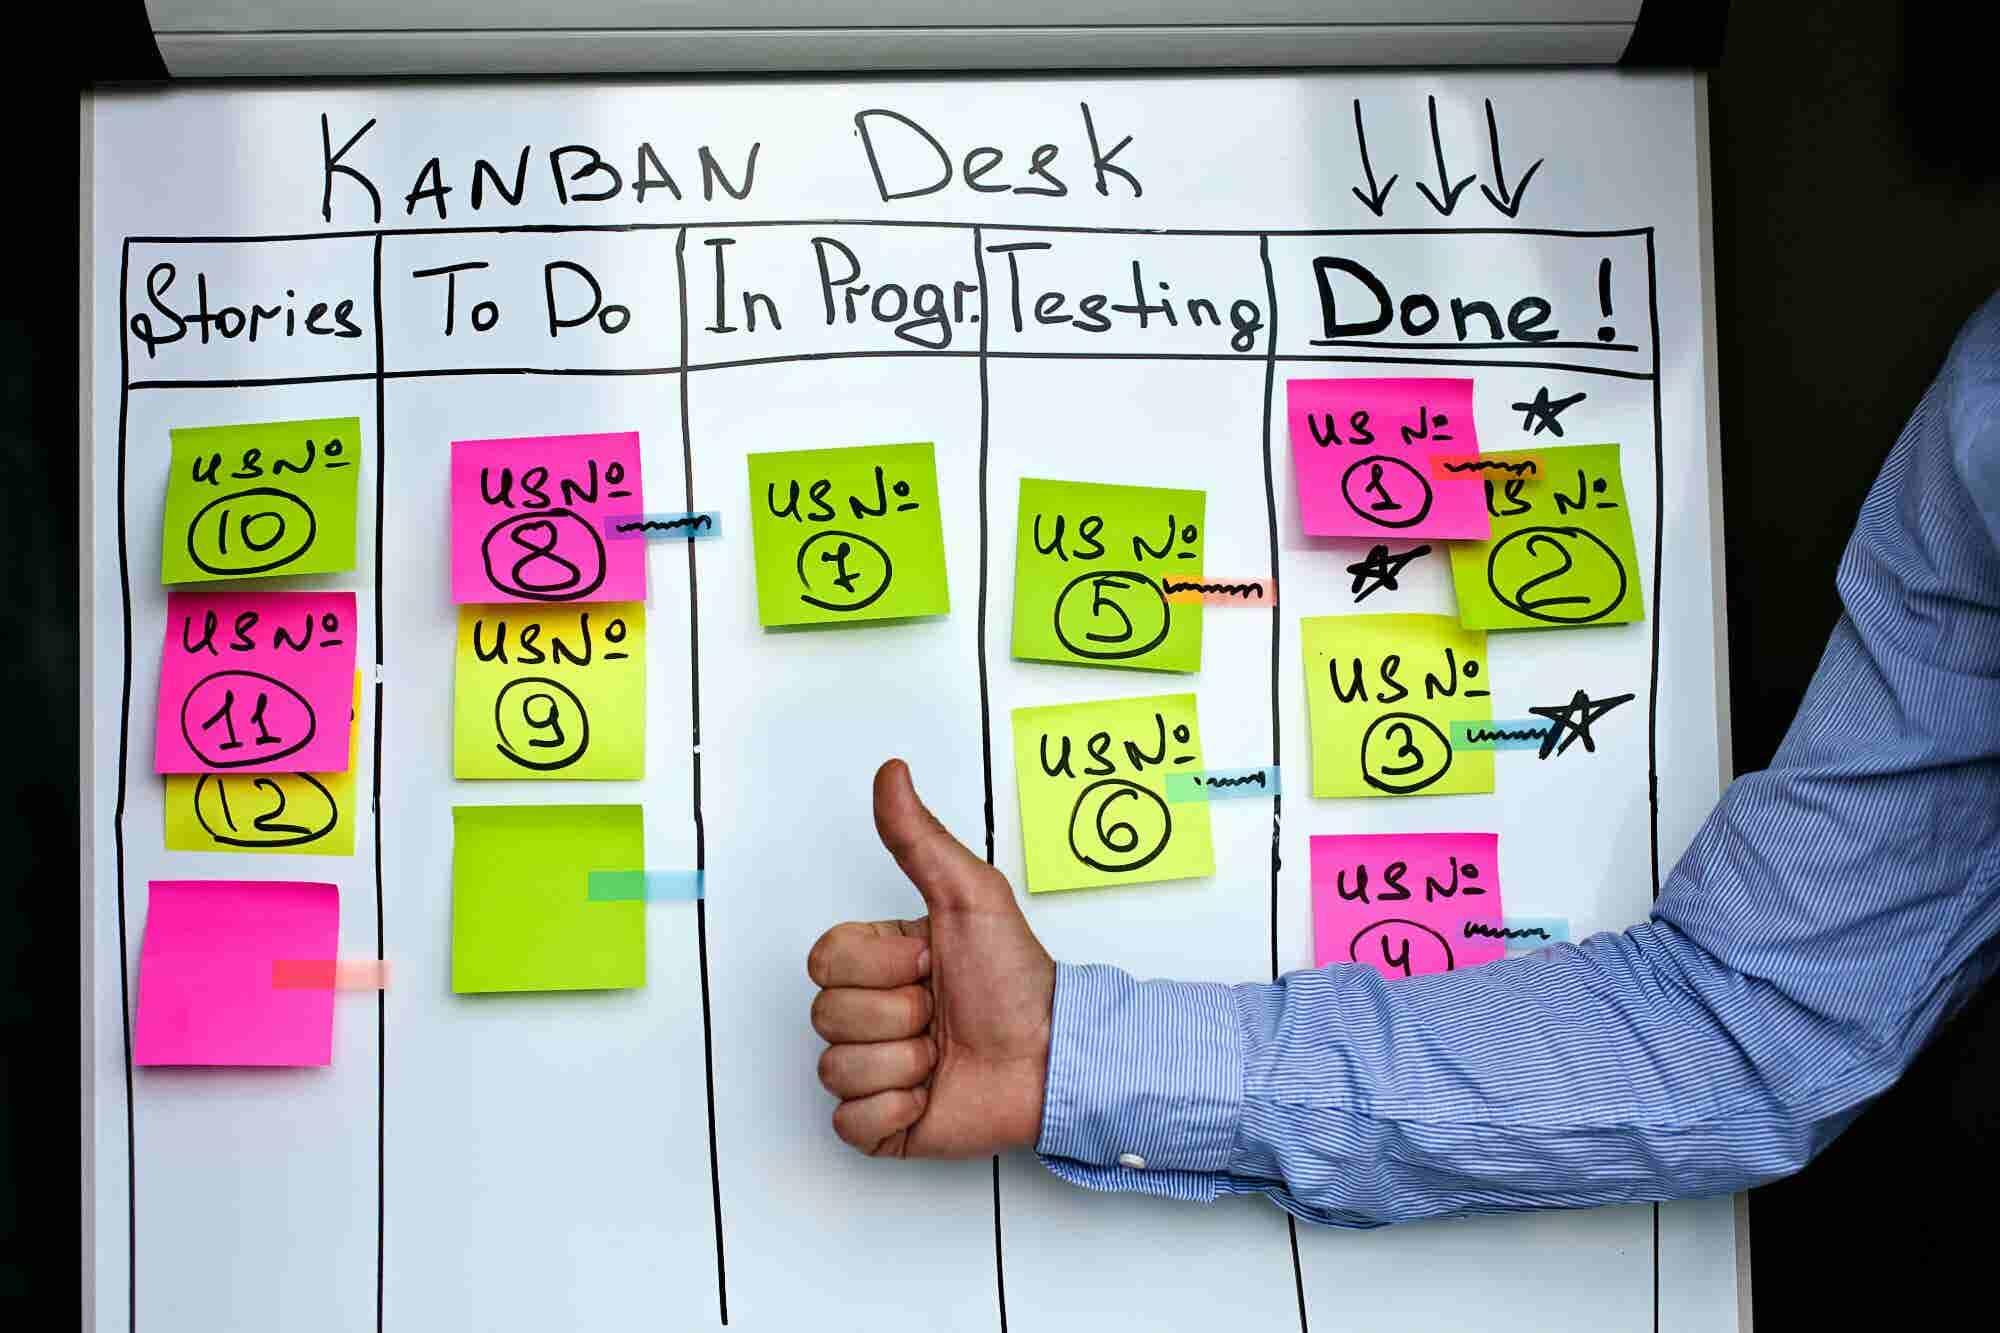 Cómo utilizar el design thinking, el canvas y el método Lean sin perderte en el intento